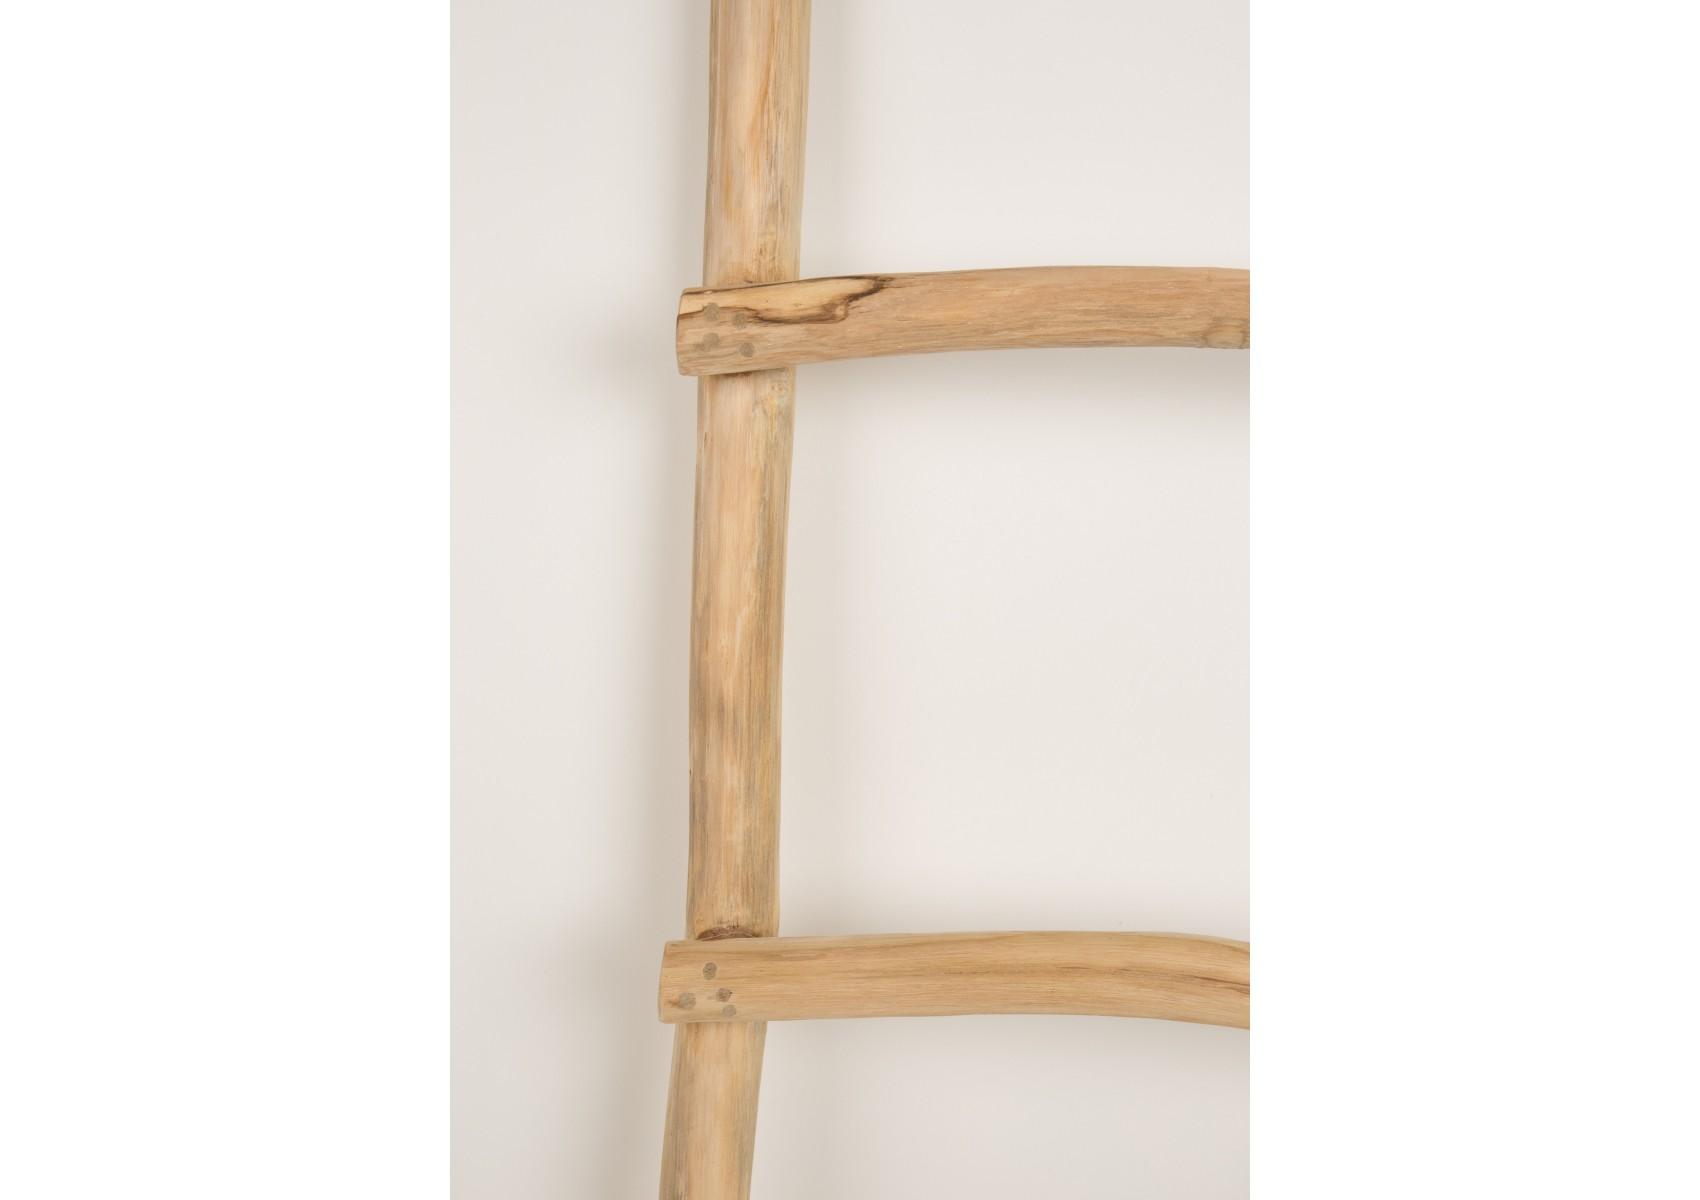 Echelle design en bois harry d corative et rangement - Echelle decorative en bois ...